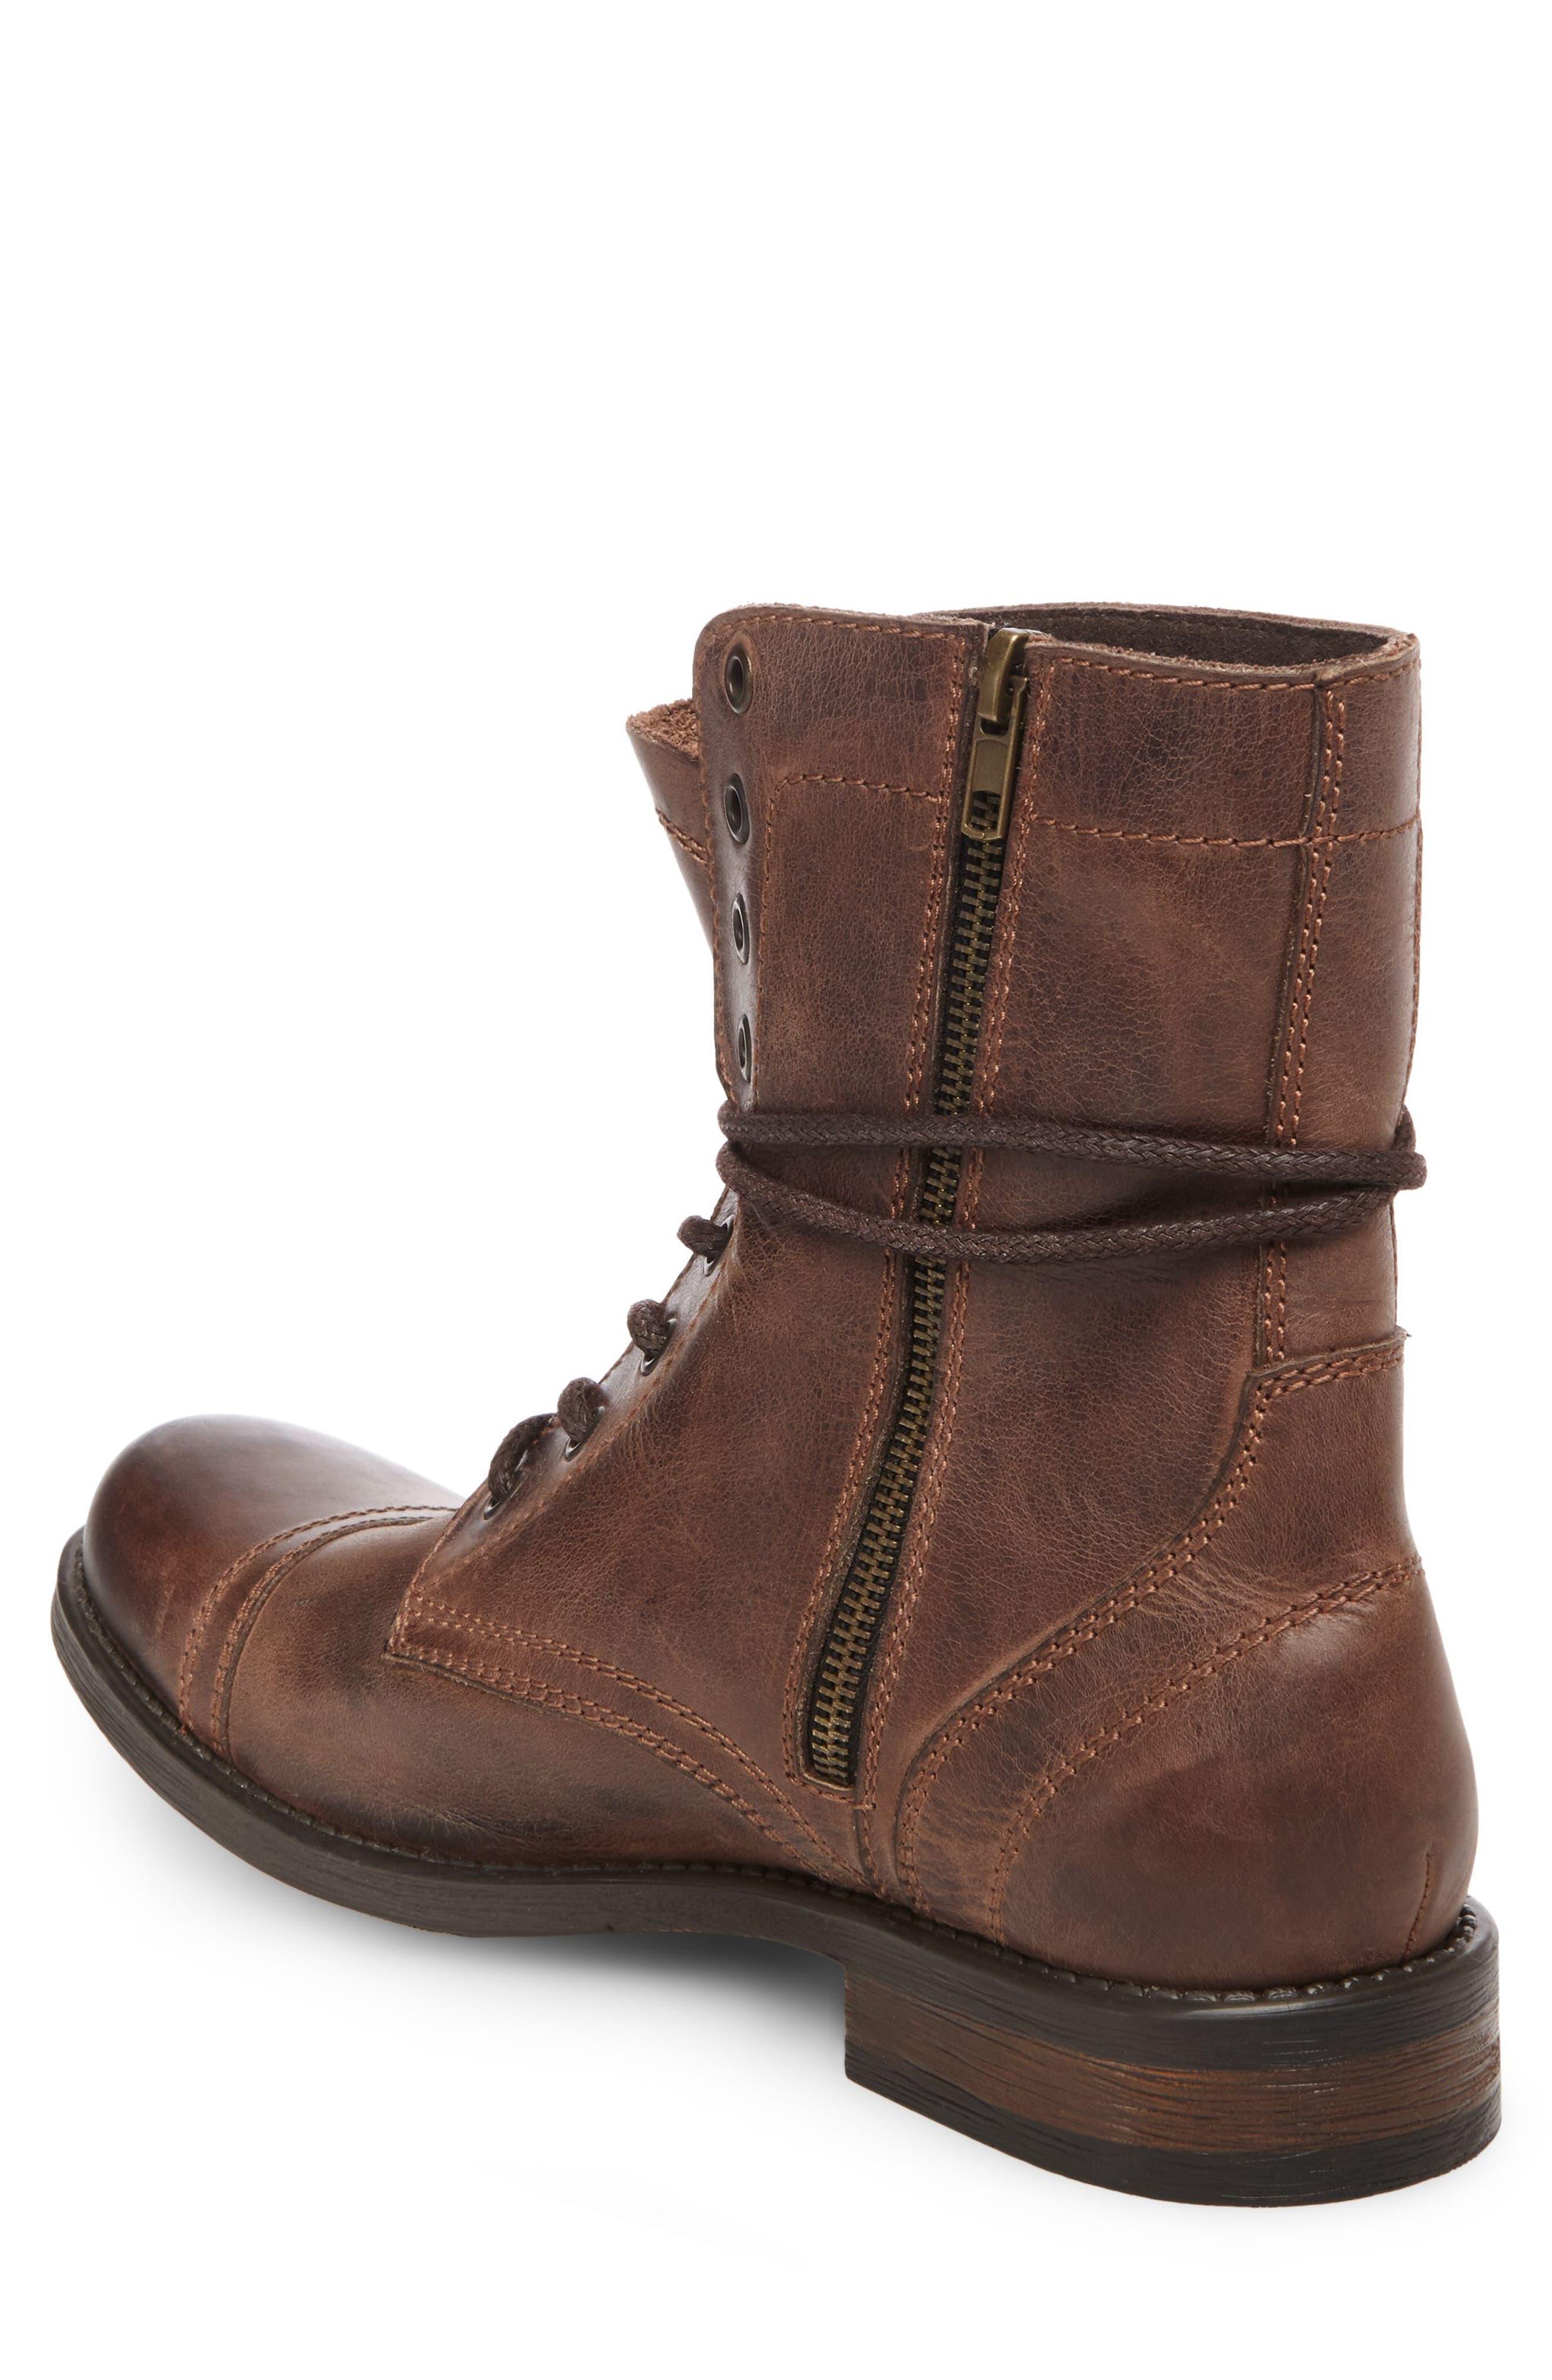 6890979d5e9a Men s Steve Madden Shoes